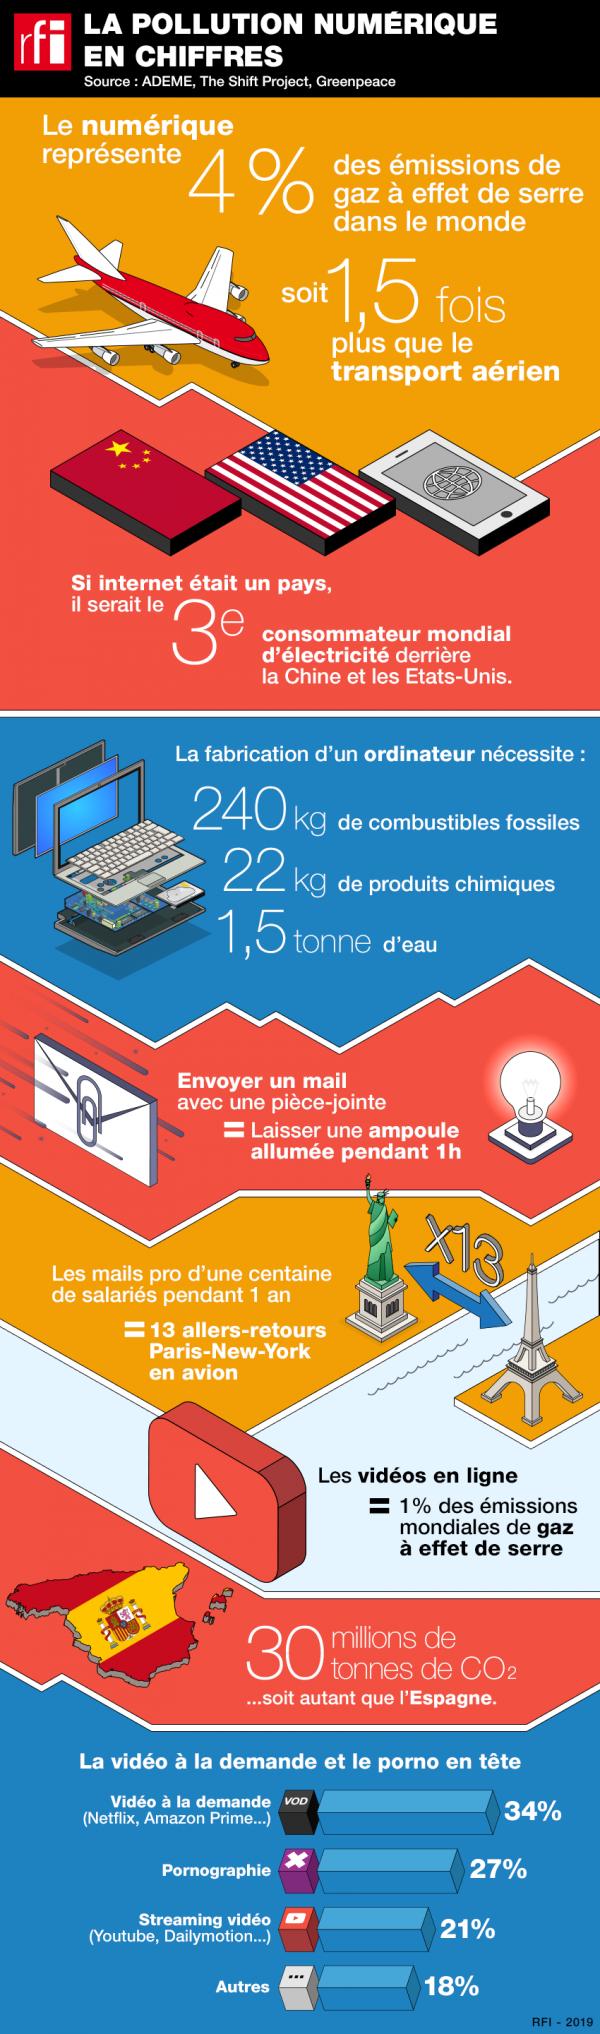 Environnement : Infographie sur la pollution numérique